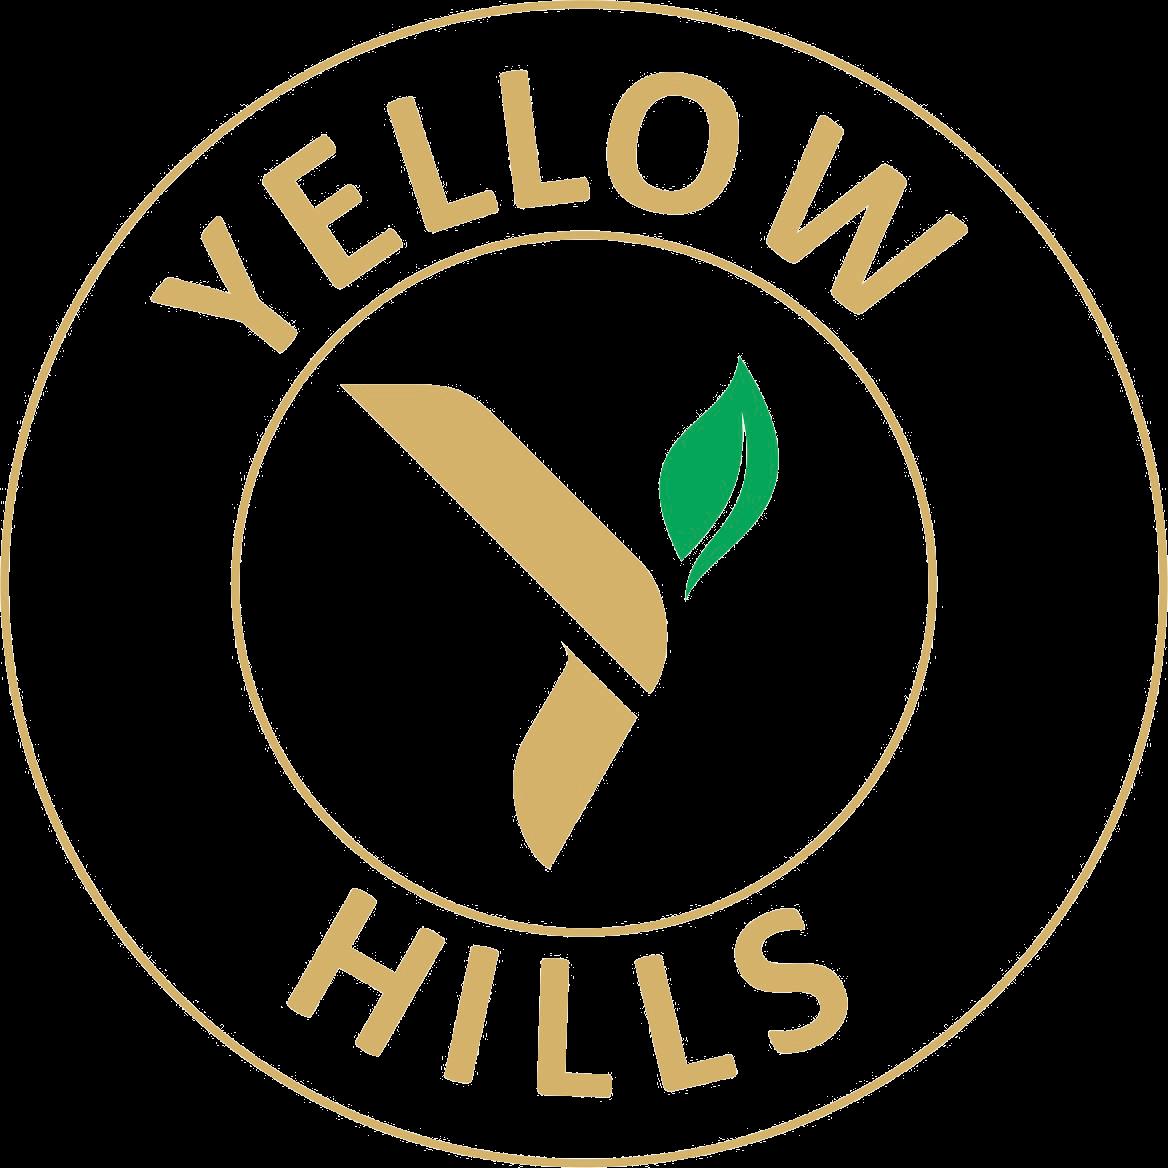 Yellowhills